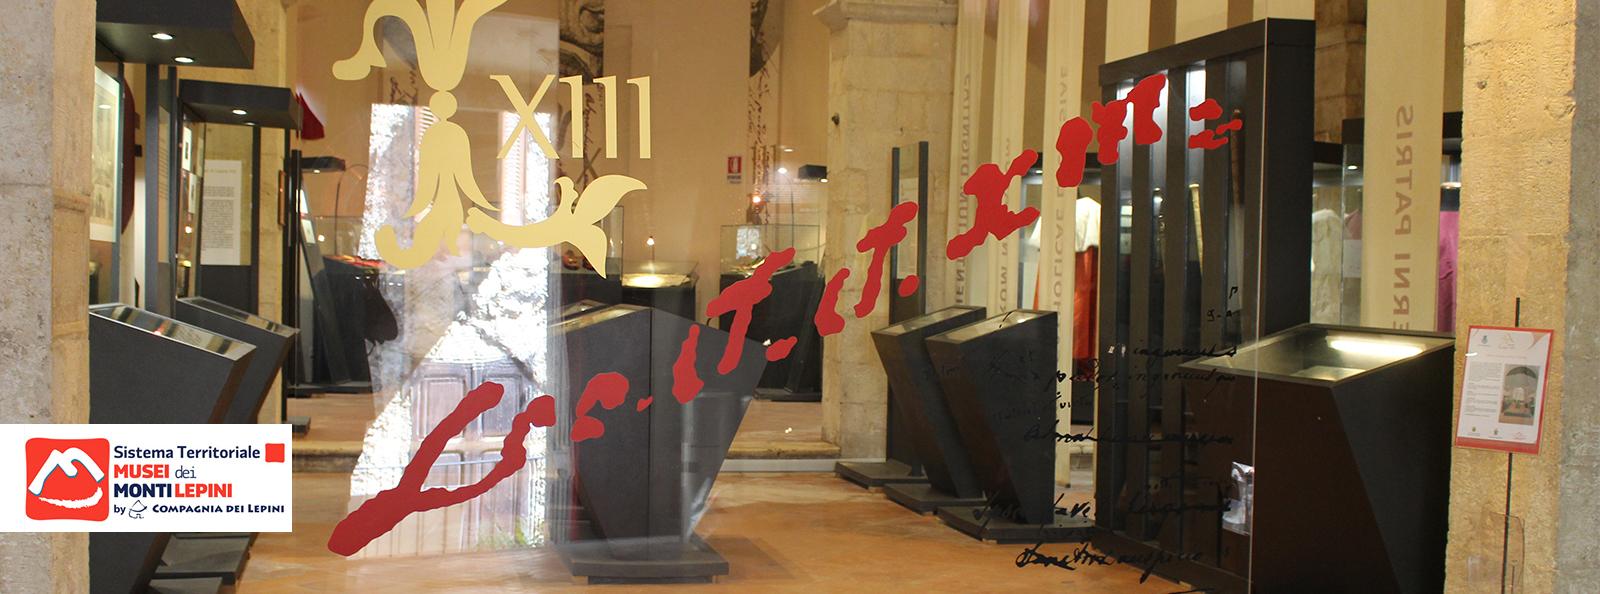 copertine-museo-con-logo